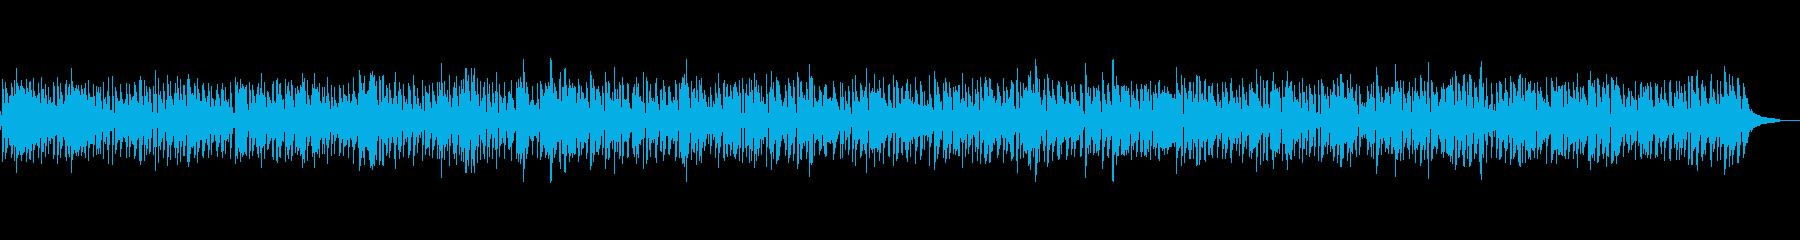 動画のBGMに合うボサノバギターとピアノの再生済みの波形